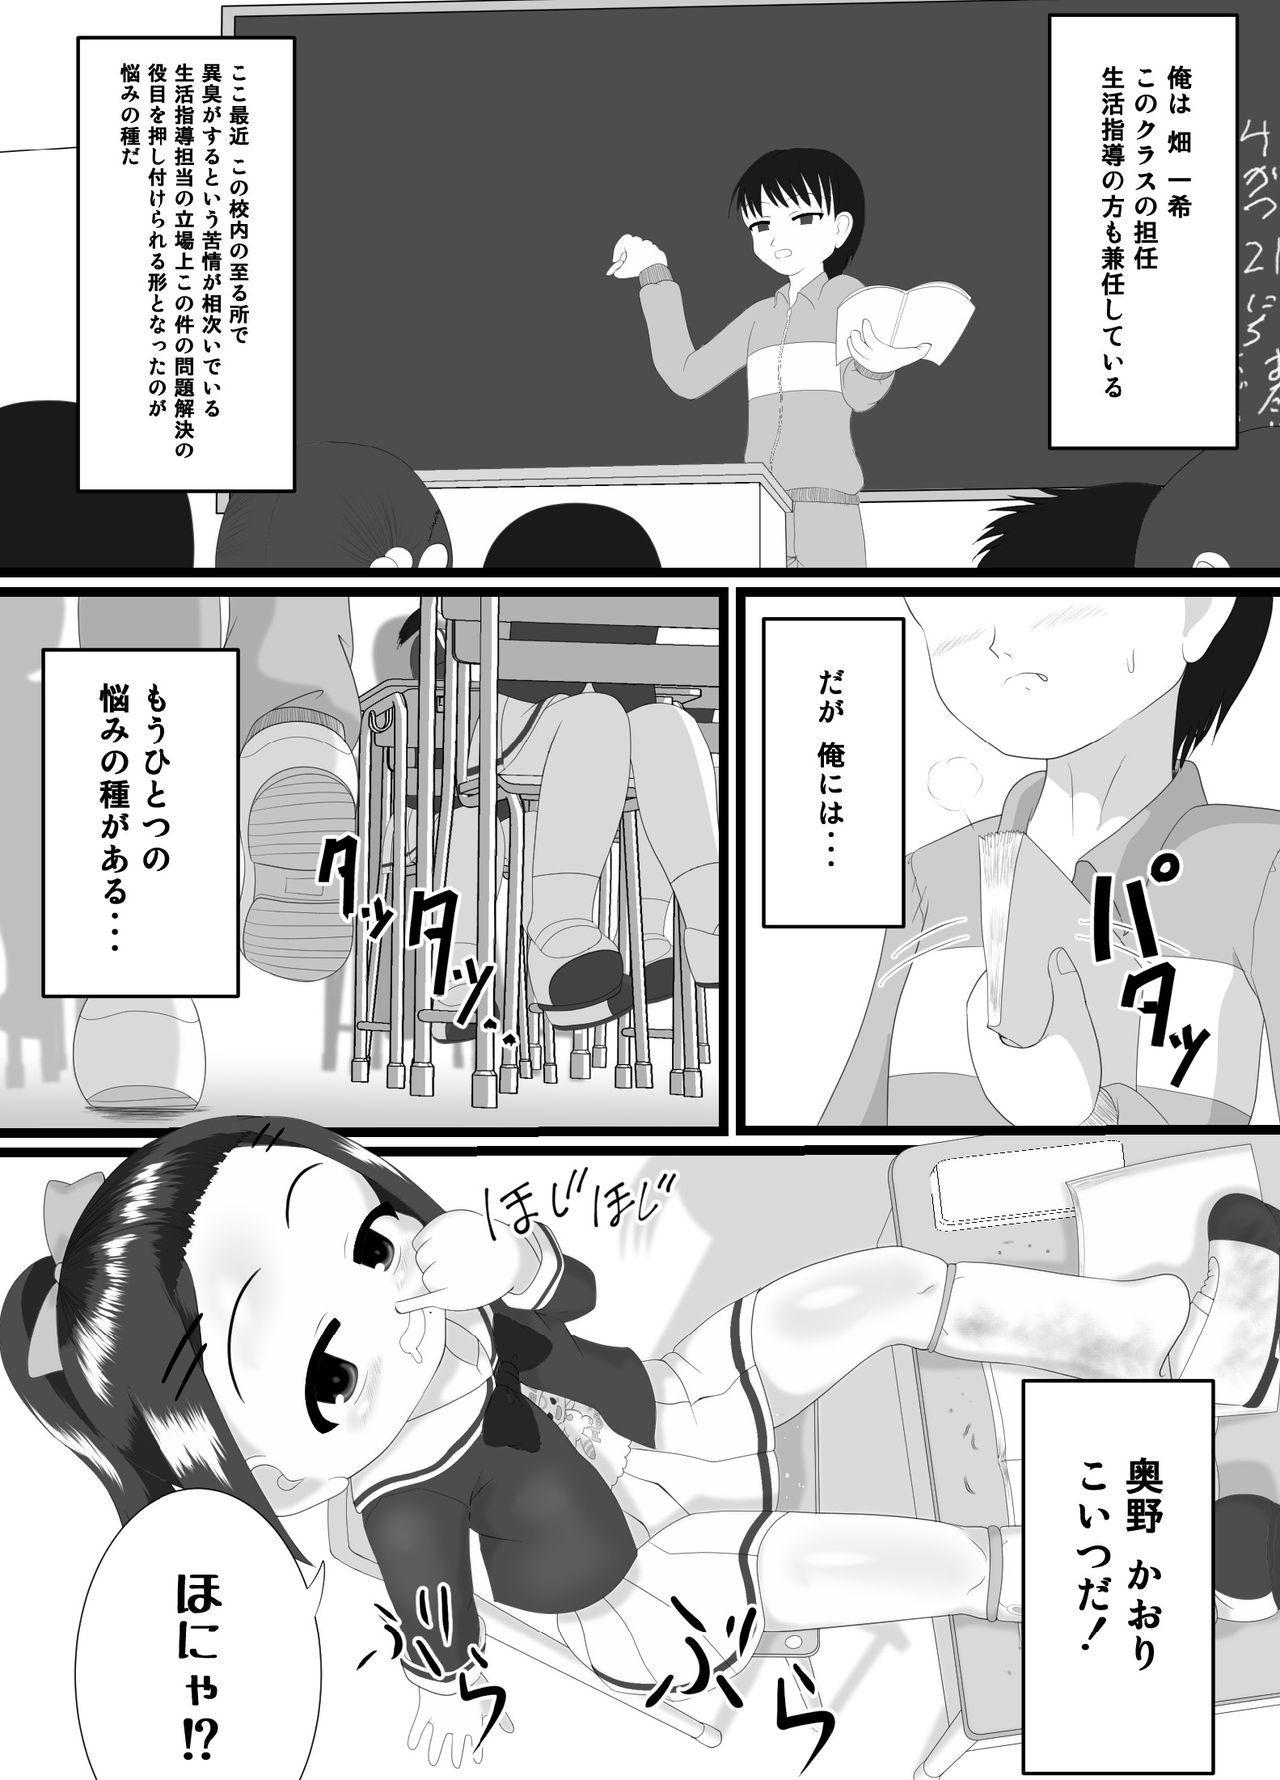 Kaori 2